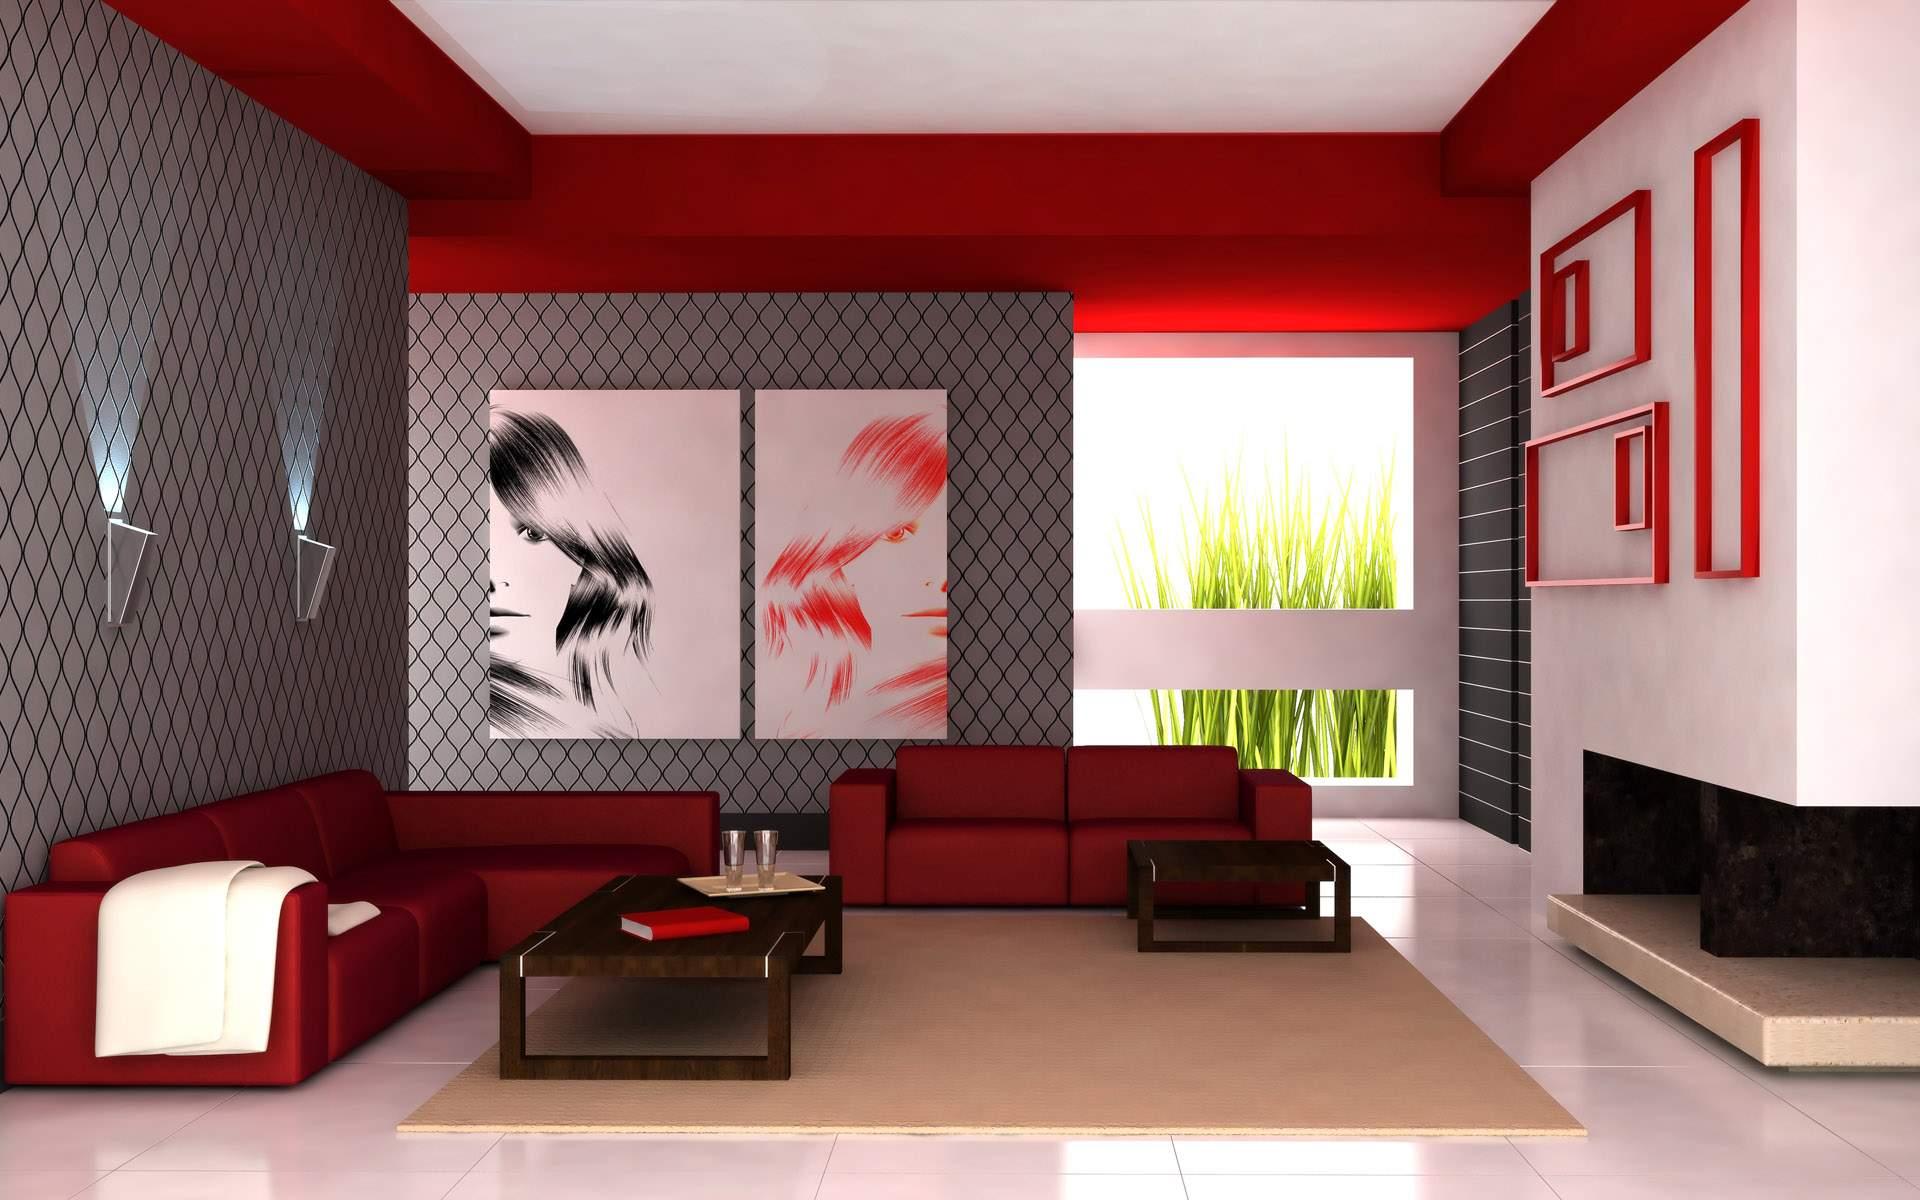 عوامل موثر بر طراحی داخلی 2